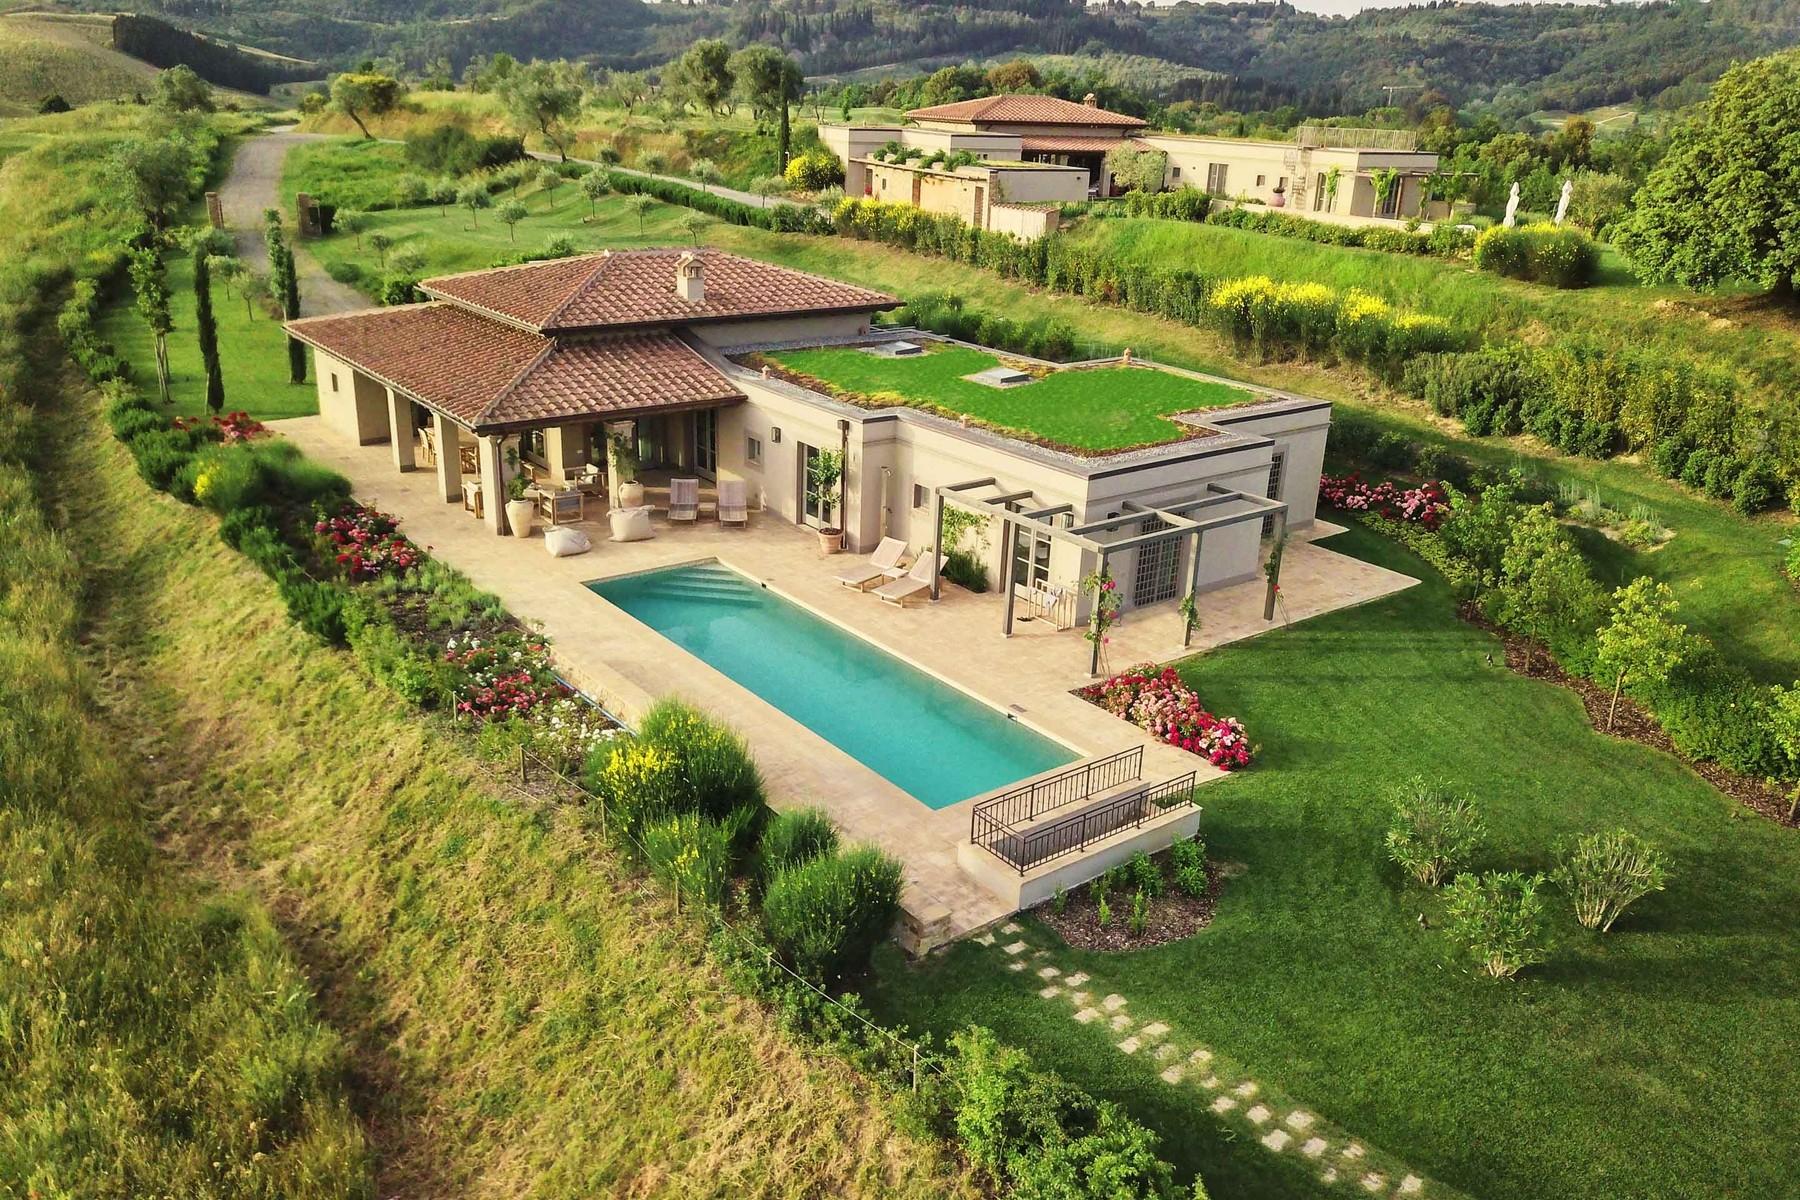 Villa in Vendita a Montaione: 5 locali, 360 mq - Foto 2